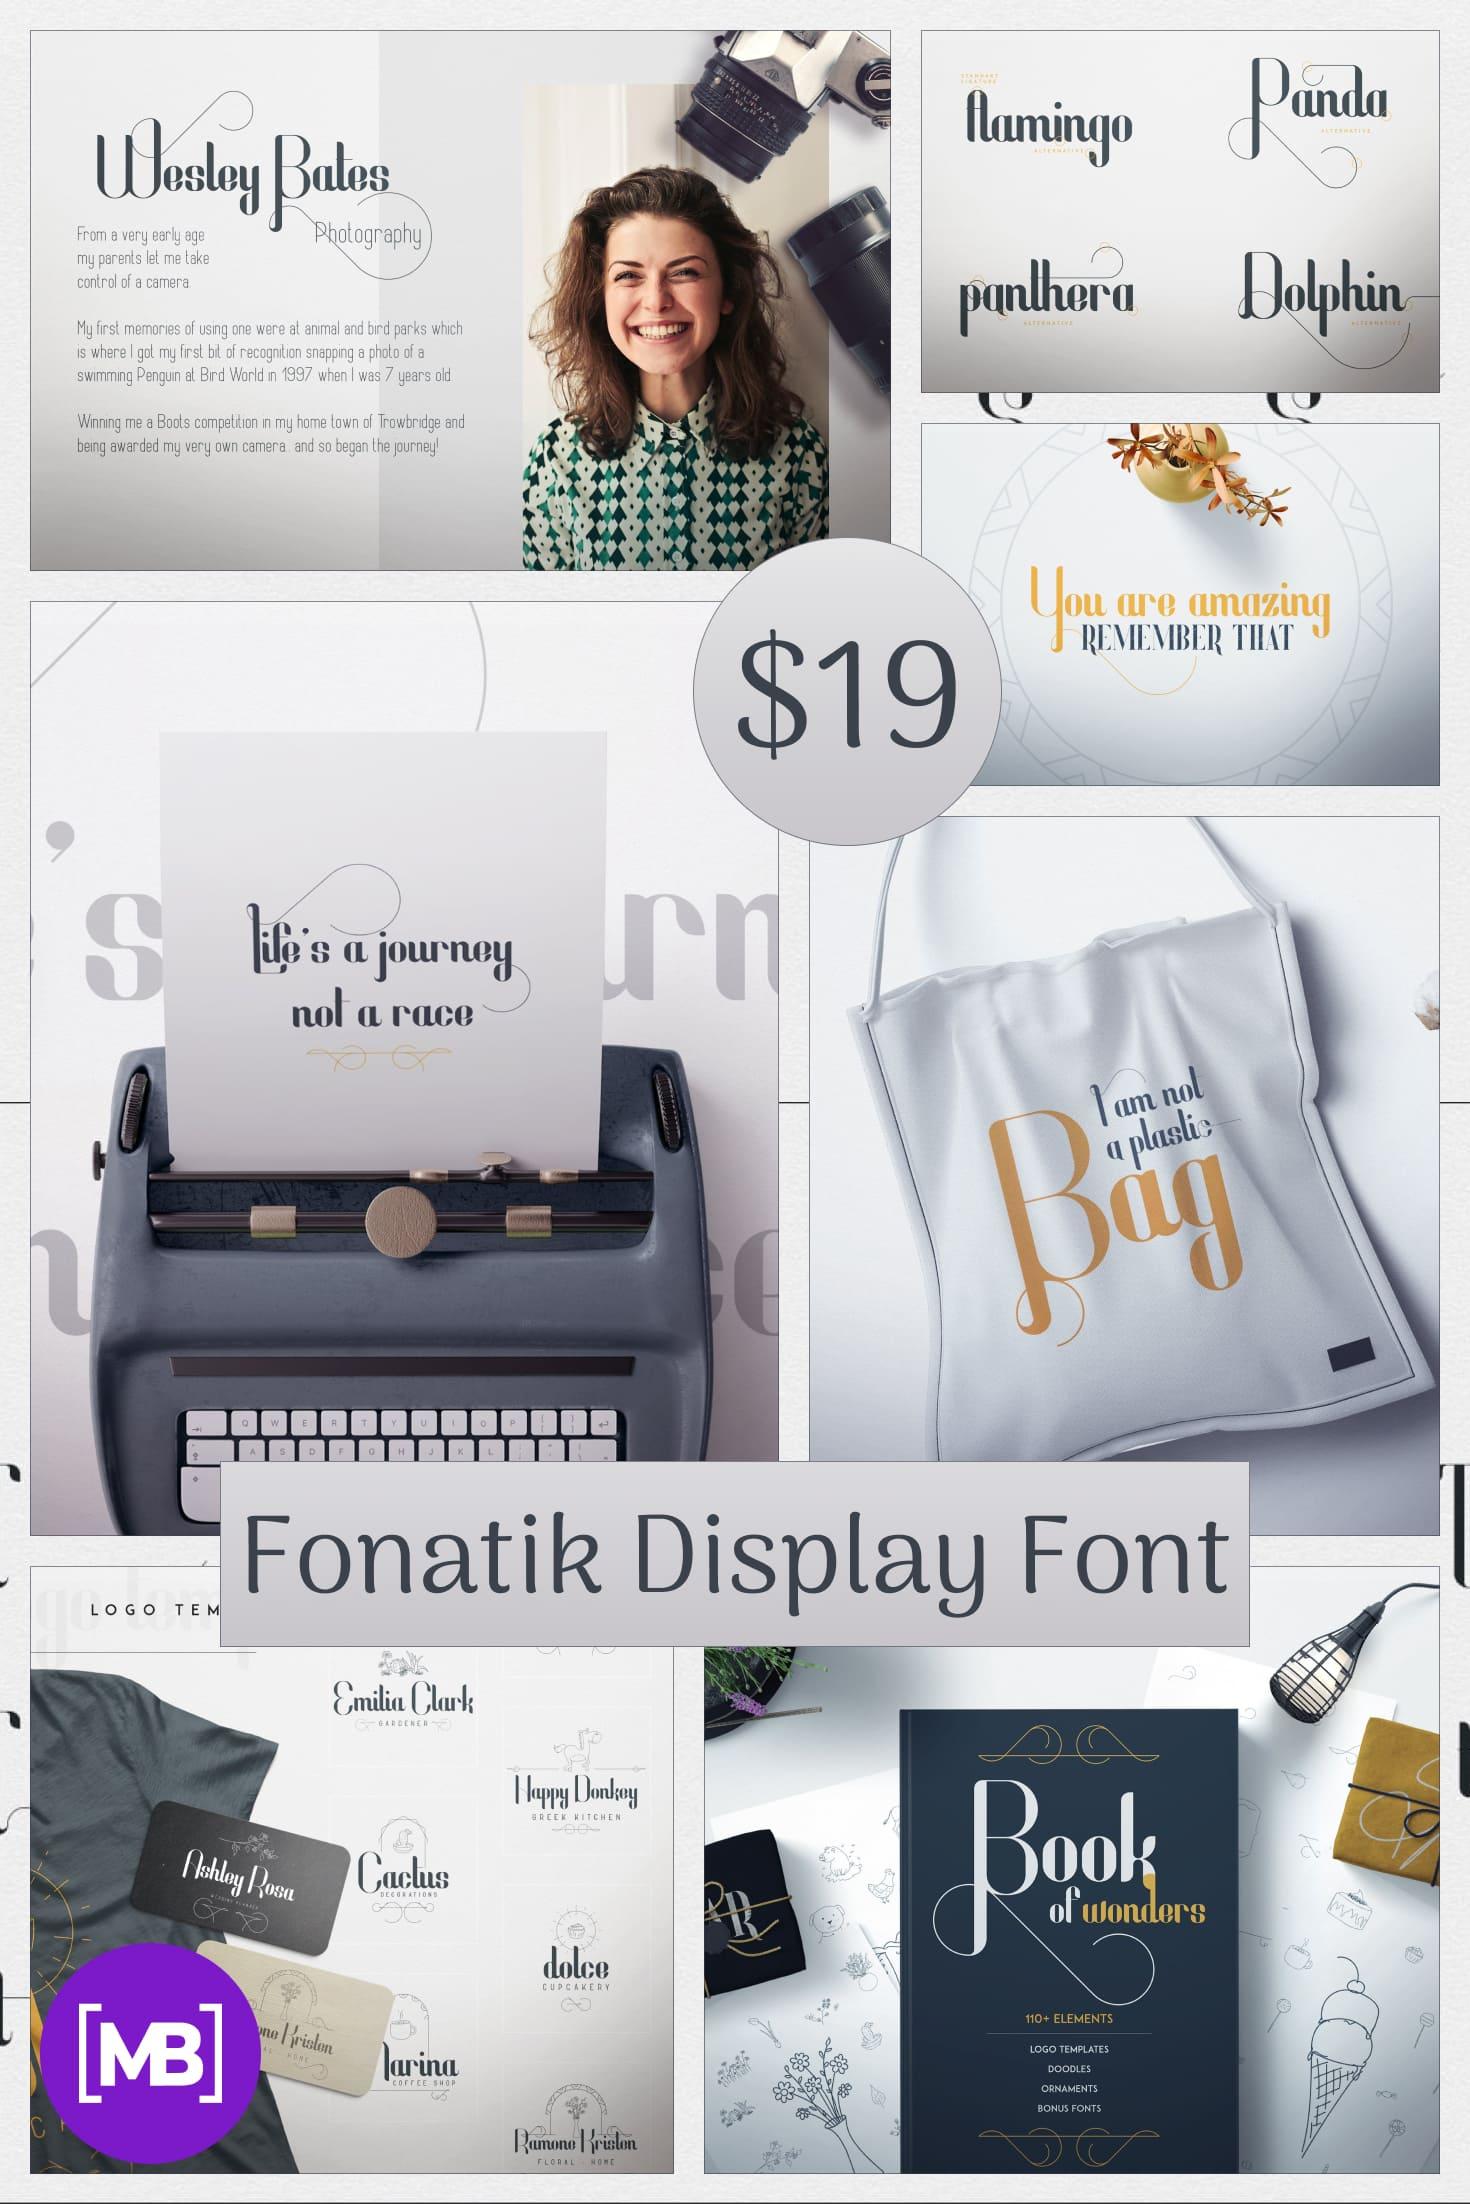 Fonatik Display Font + Book of Wonders - just $19. Collage Image.